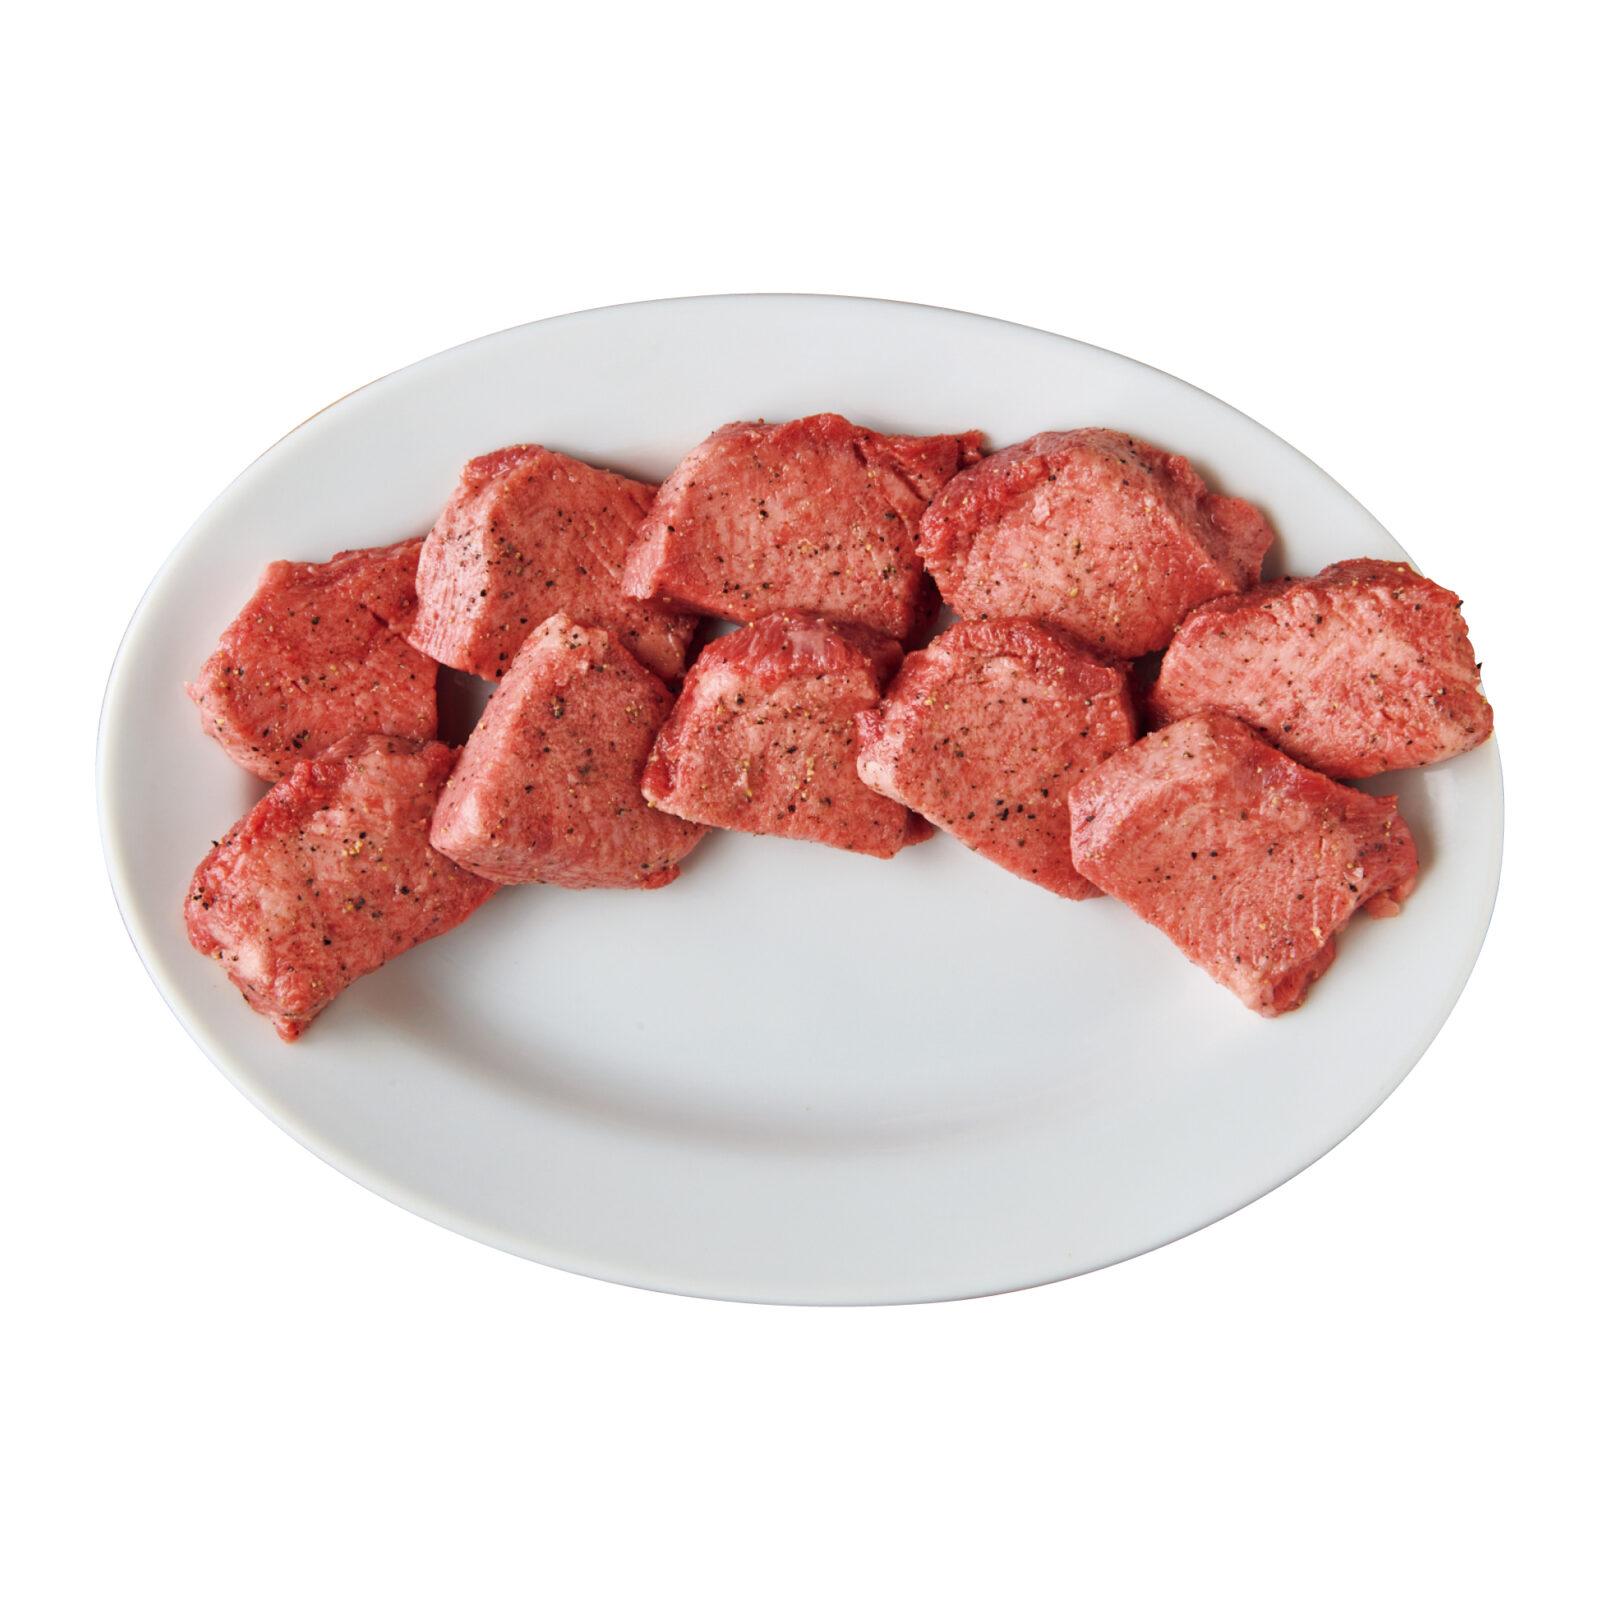 上タン塩(レモン)¥2,728大阪から直送の肉は九州産が中心。未冷凍の新鮮な部位が届く。